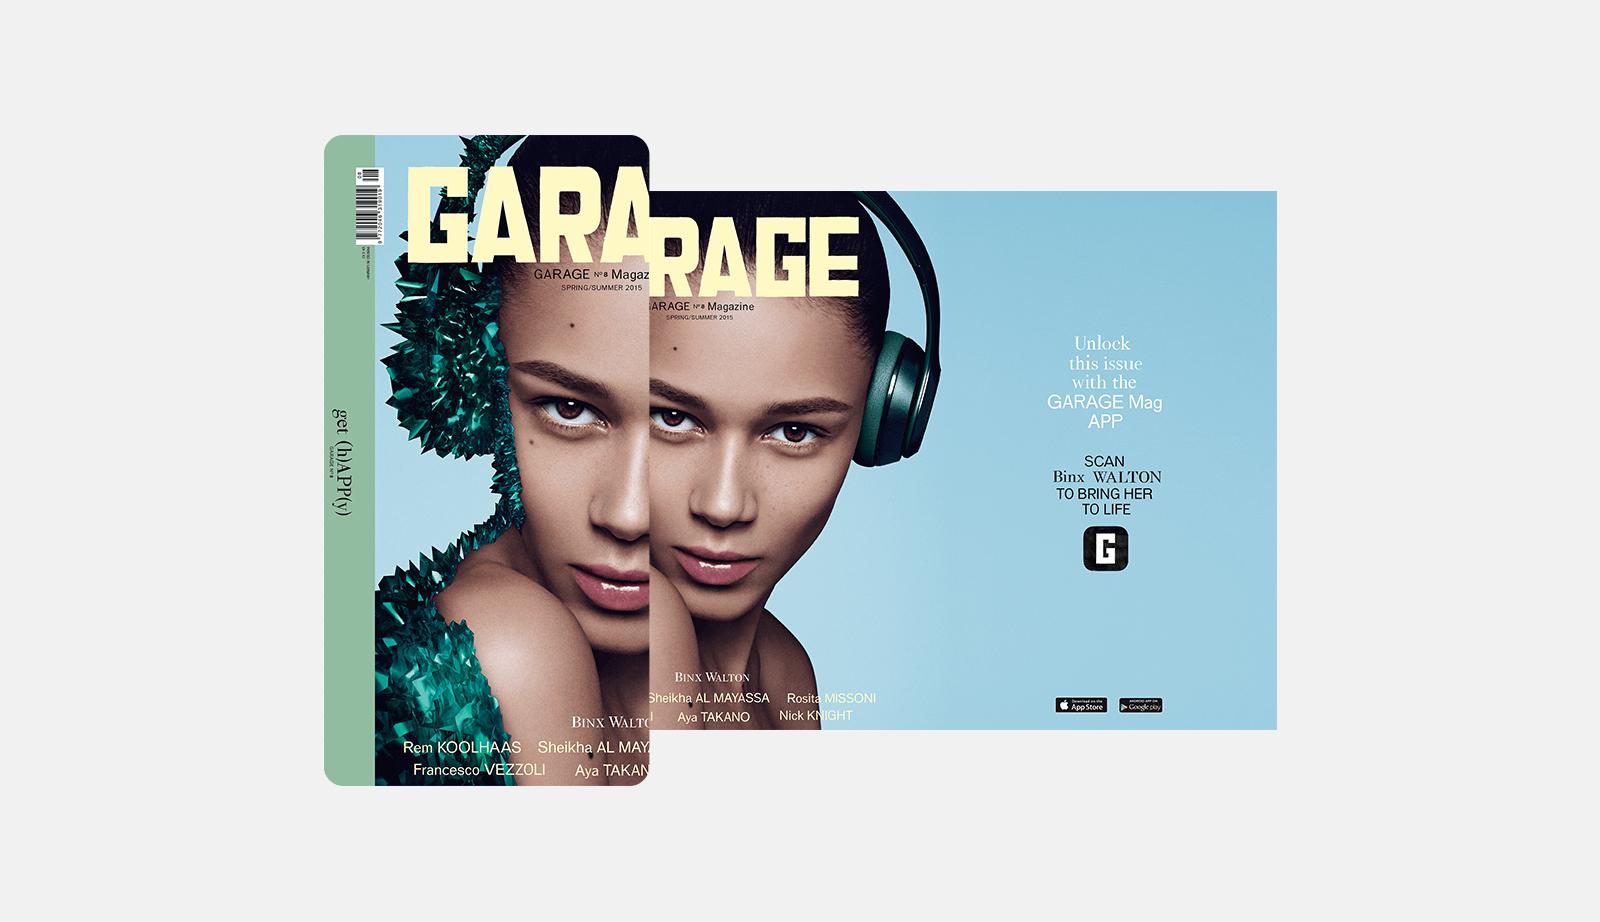 garage_magazine_binxwalton